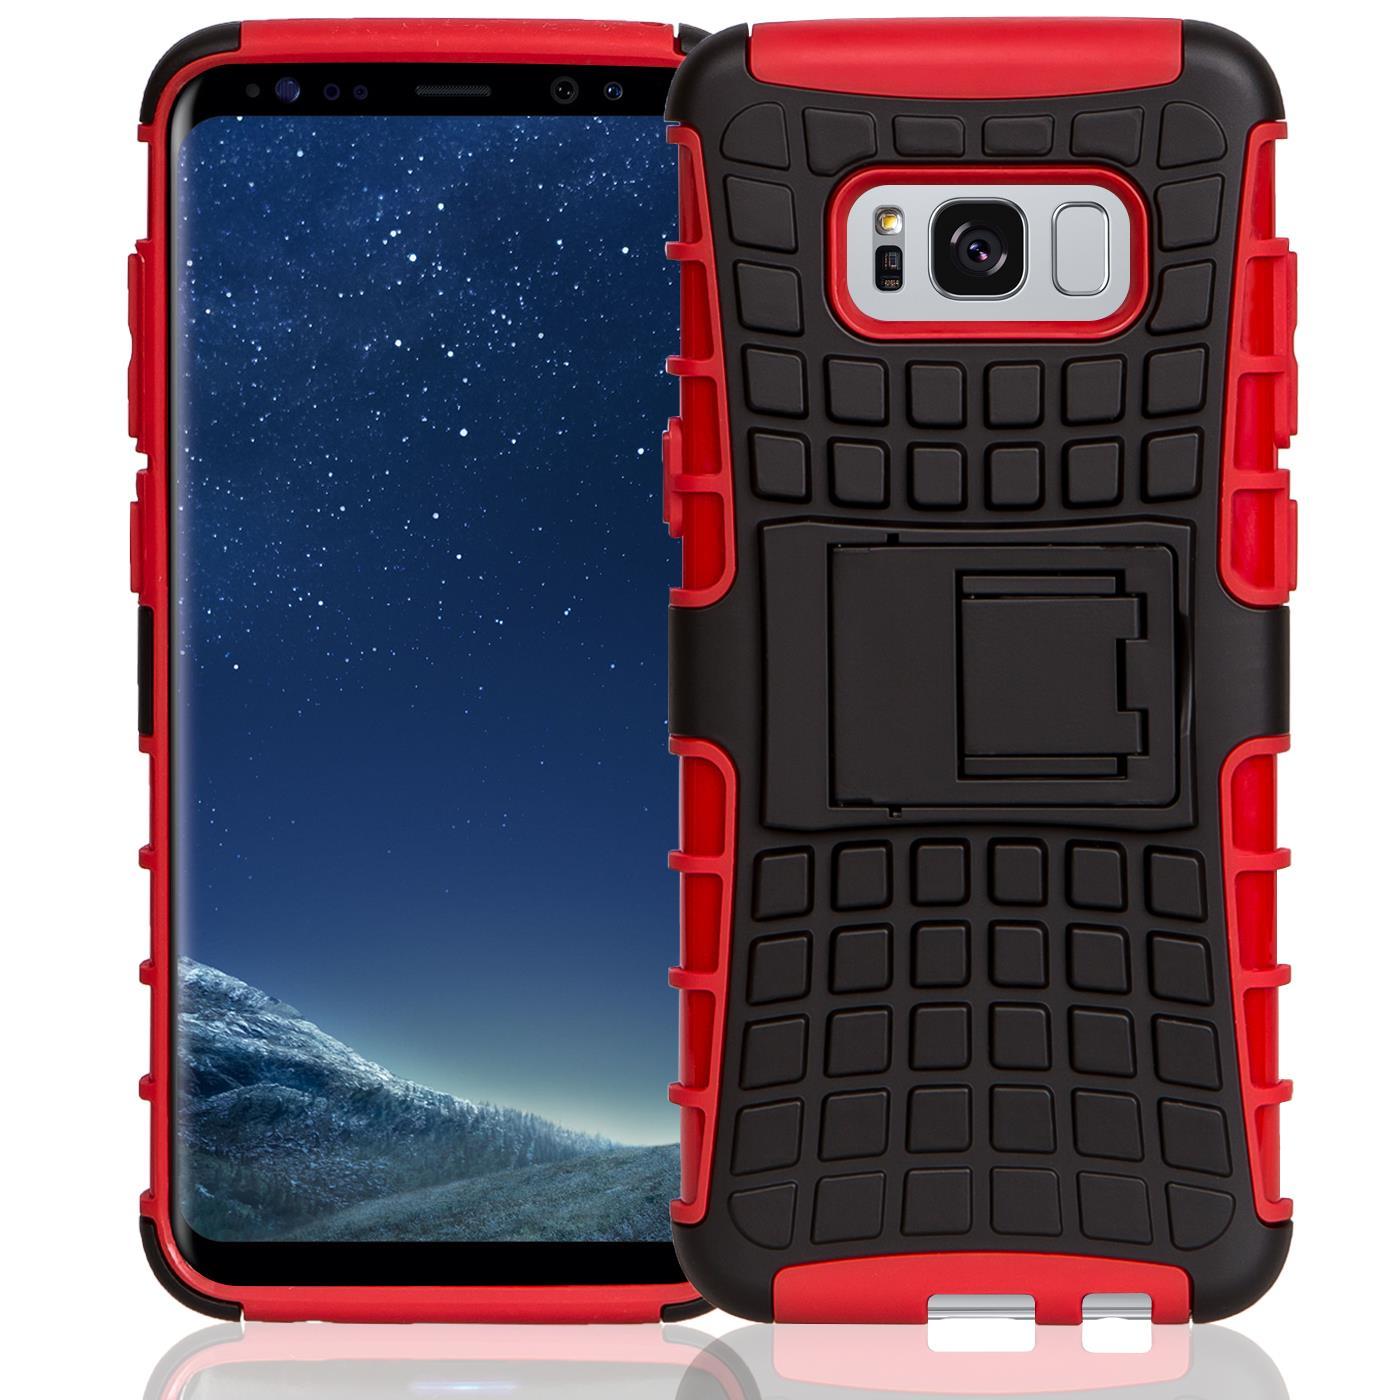 Samsung-Coque-Hybrid-Blinde-Housse-Portable-Etui-De-Protection-Equipement